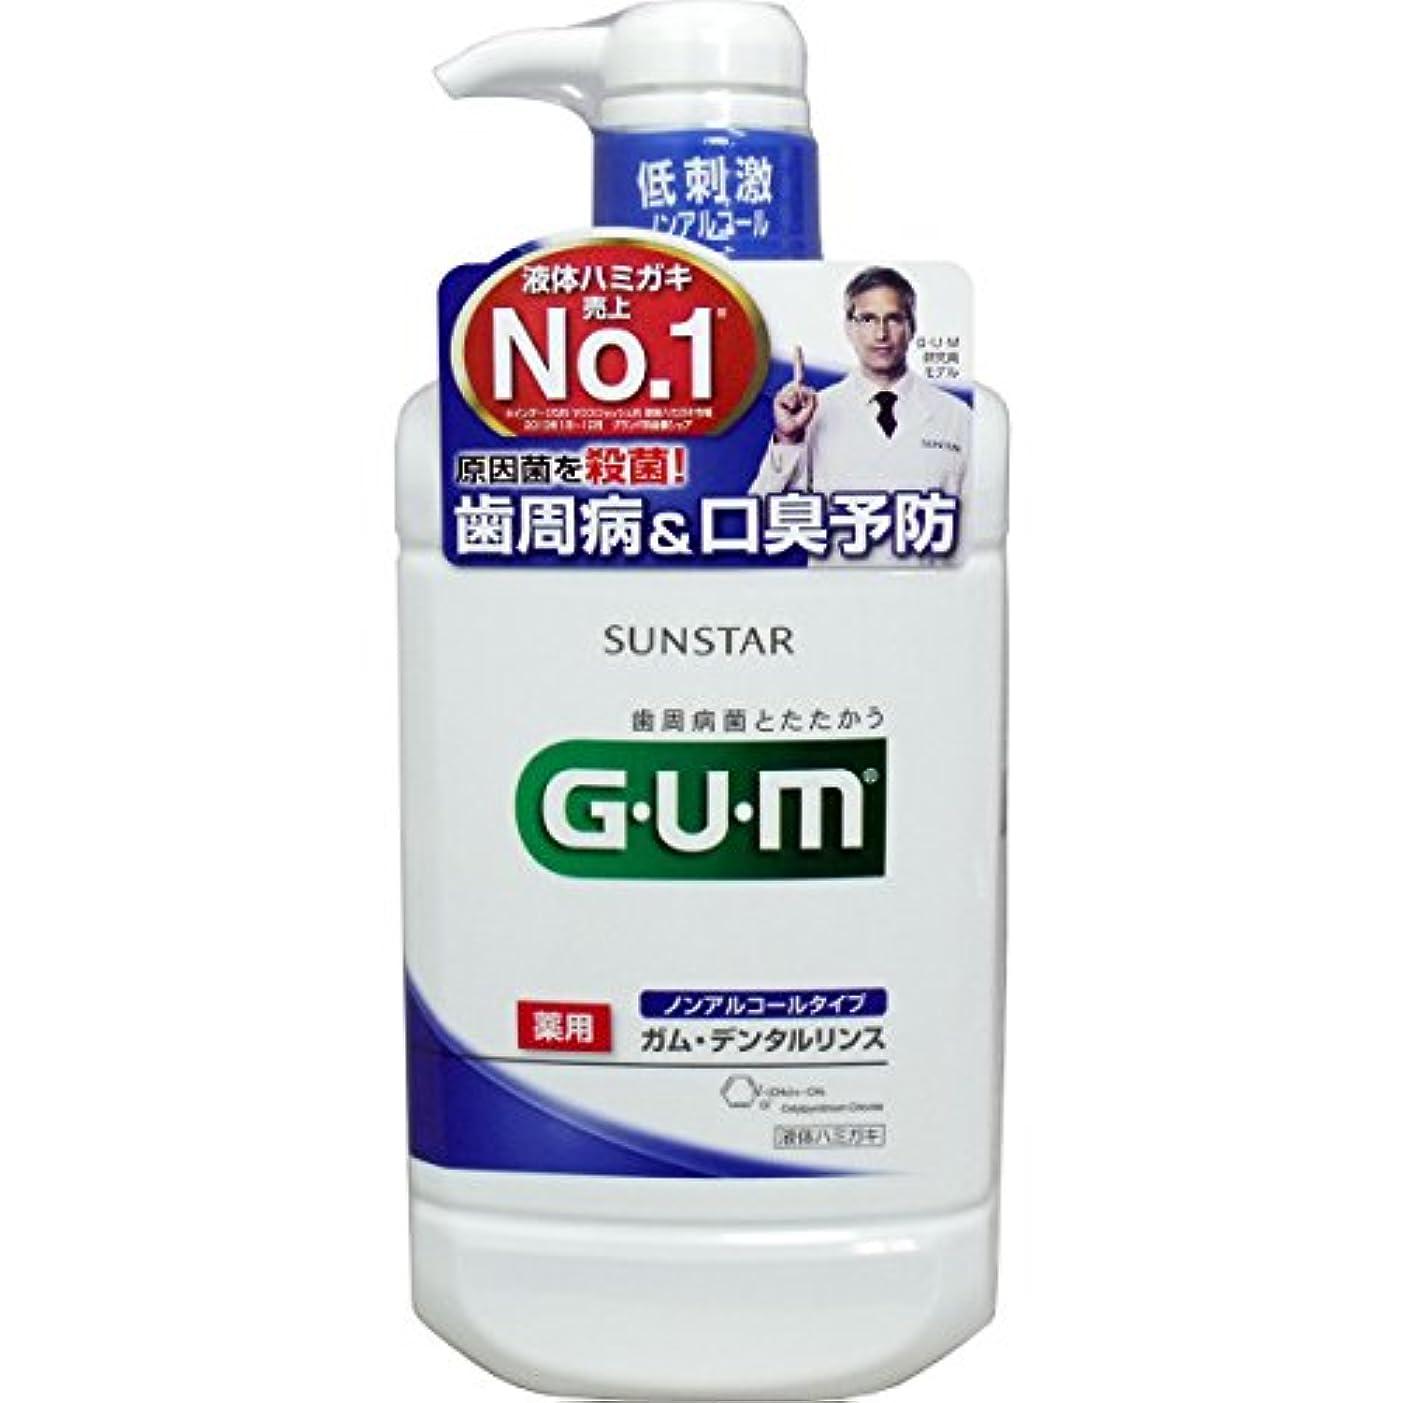 ホーン世界記録のギネスブック粘着性【まとめ買い】GUM(ガム)?デンタルリンス (ノンアルコールタイプ) 960mL (医薬部外品)×3個